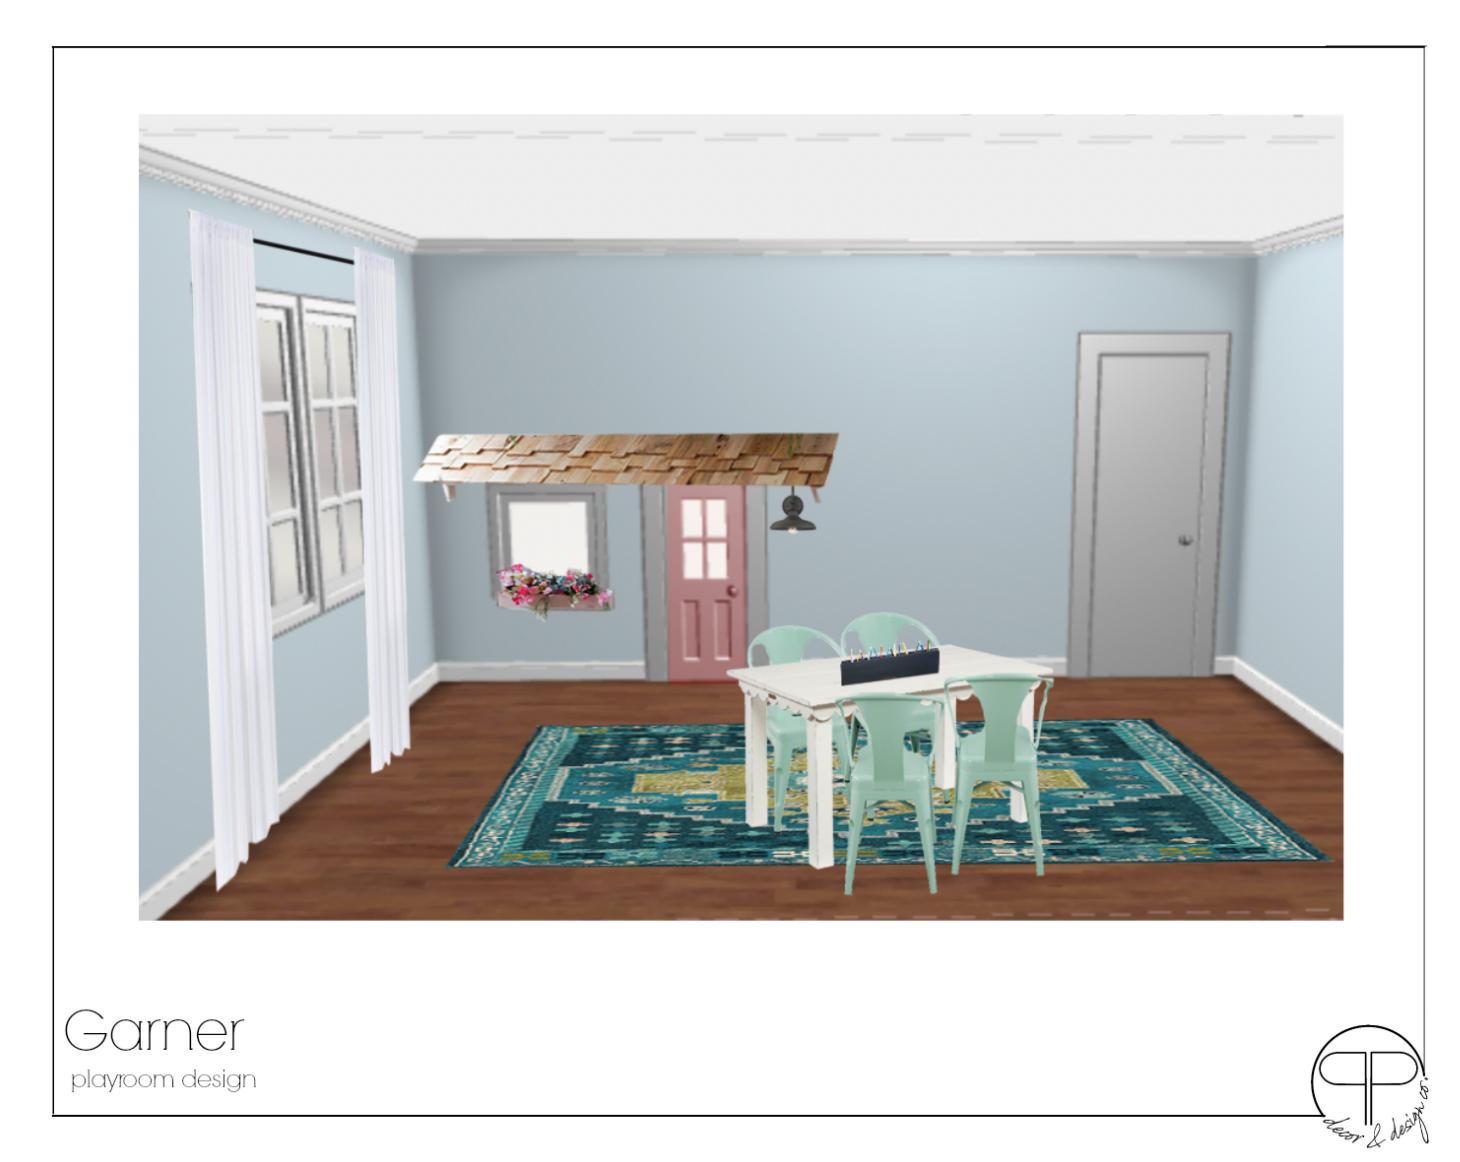 Garner_Playroom_Design_2.png